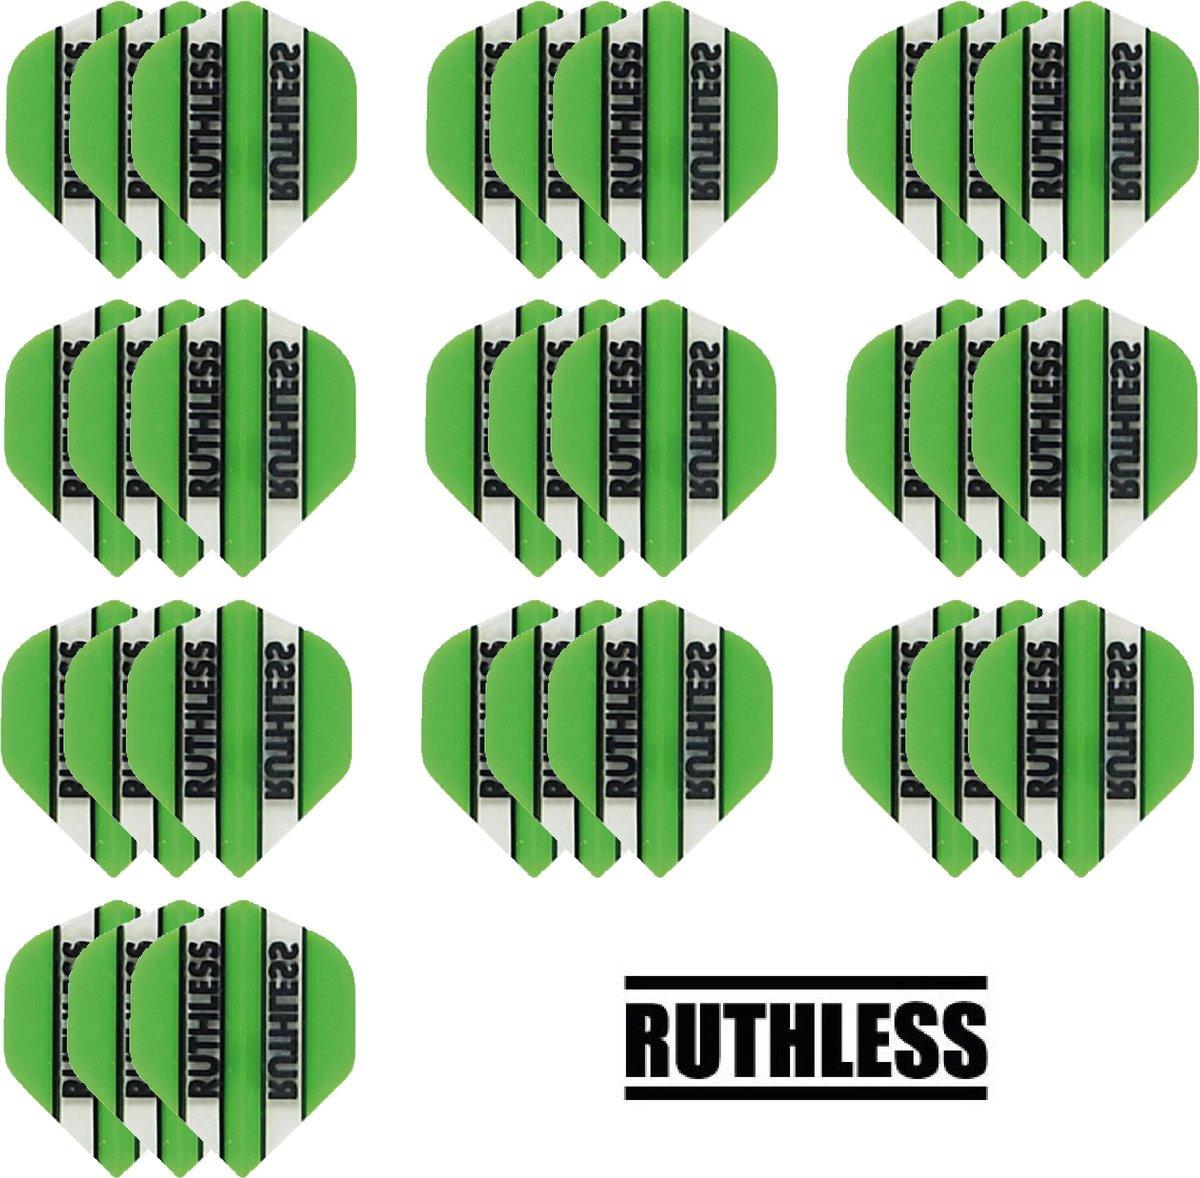 deDartshop 10 Sets (30 stuks) Ruthless flights Multipack - Van Gerwen Groen - darts flights